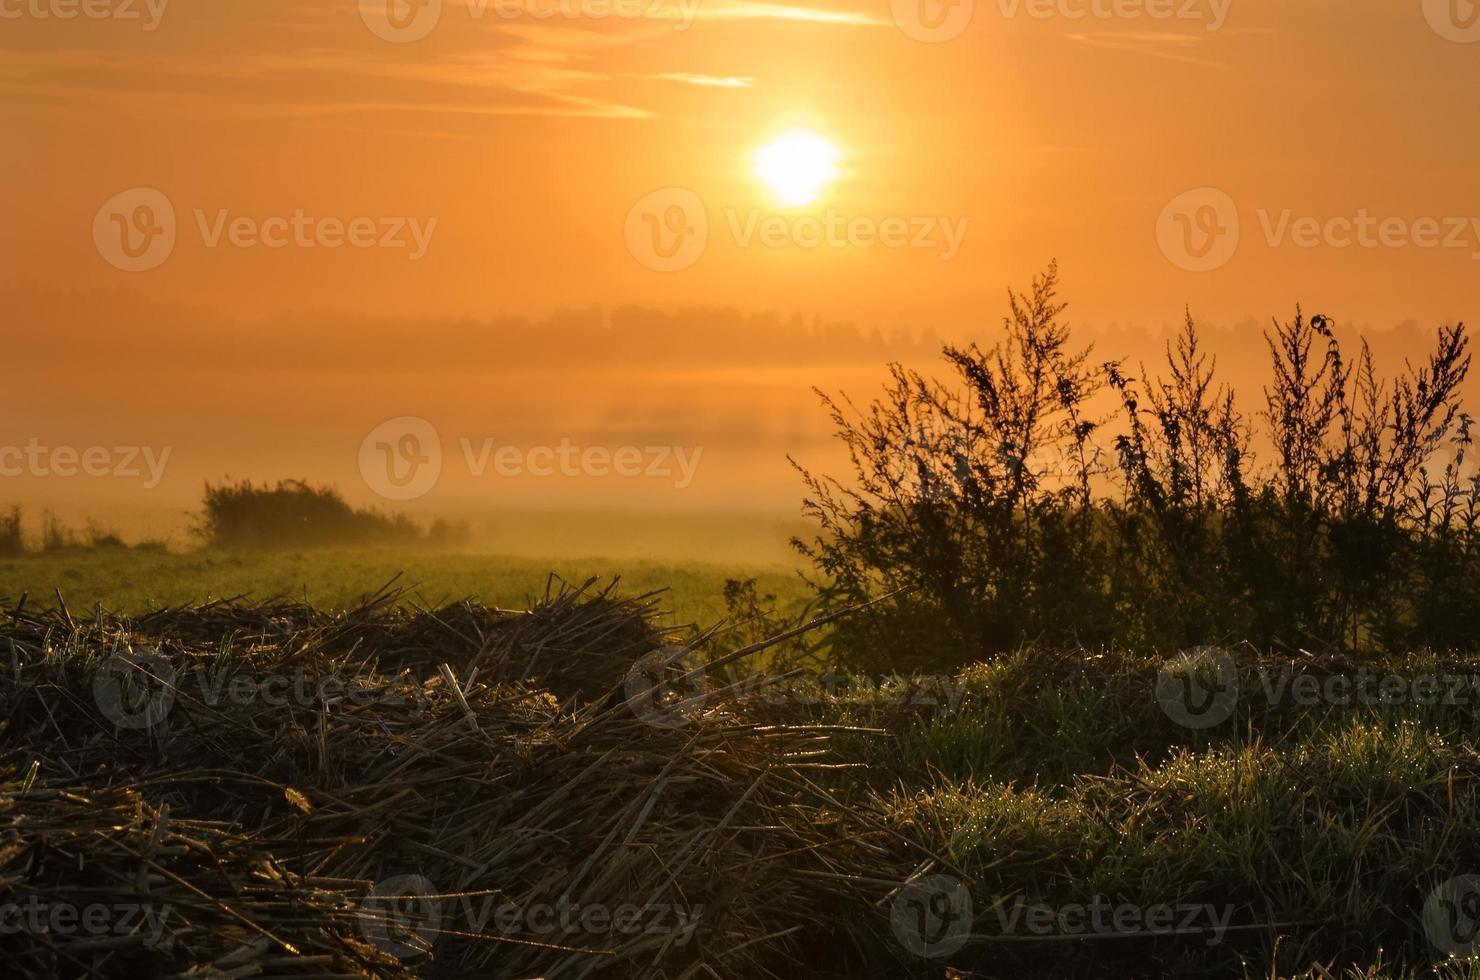 paisaje de campo temprano en la mañana. foto